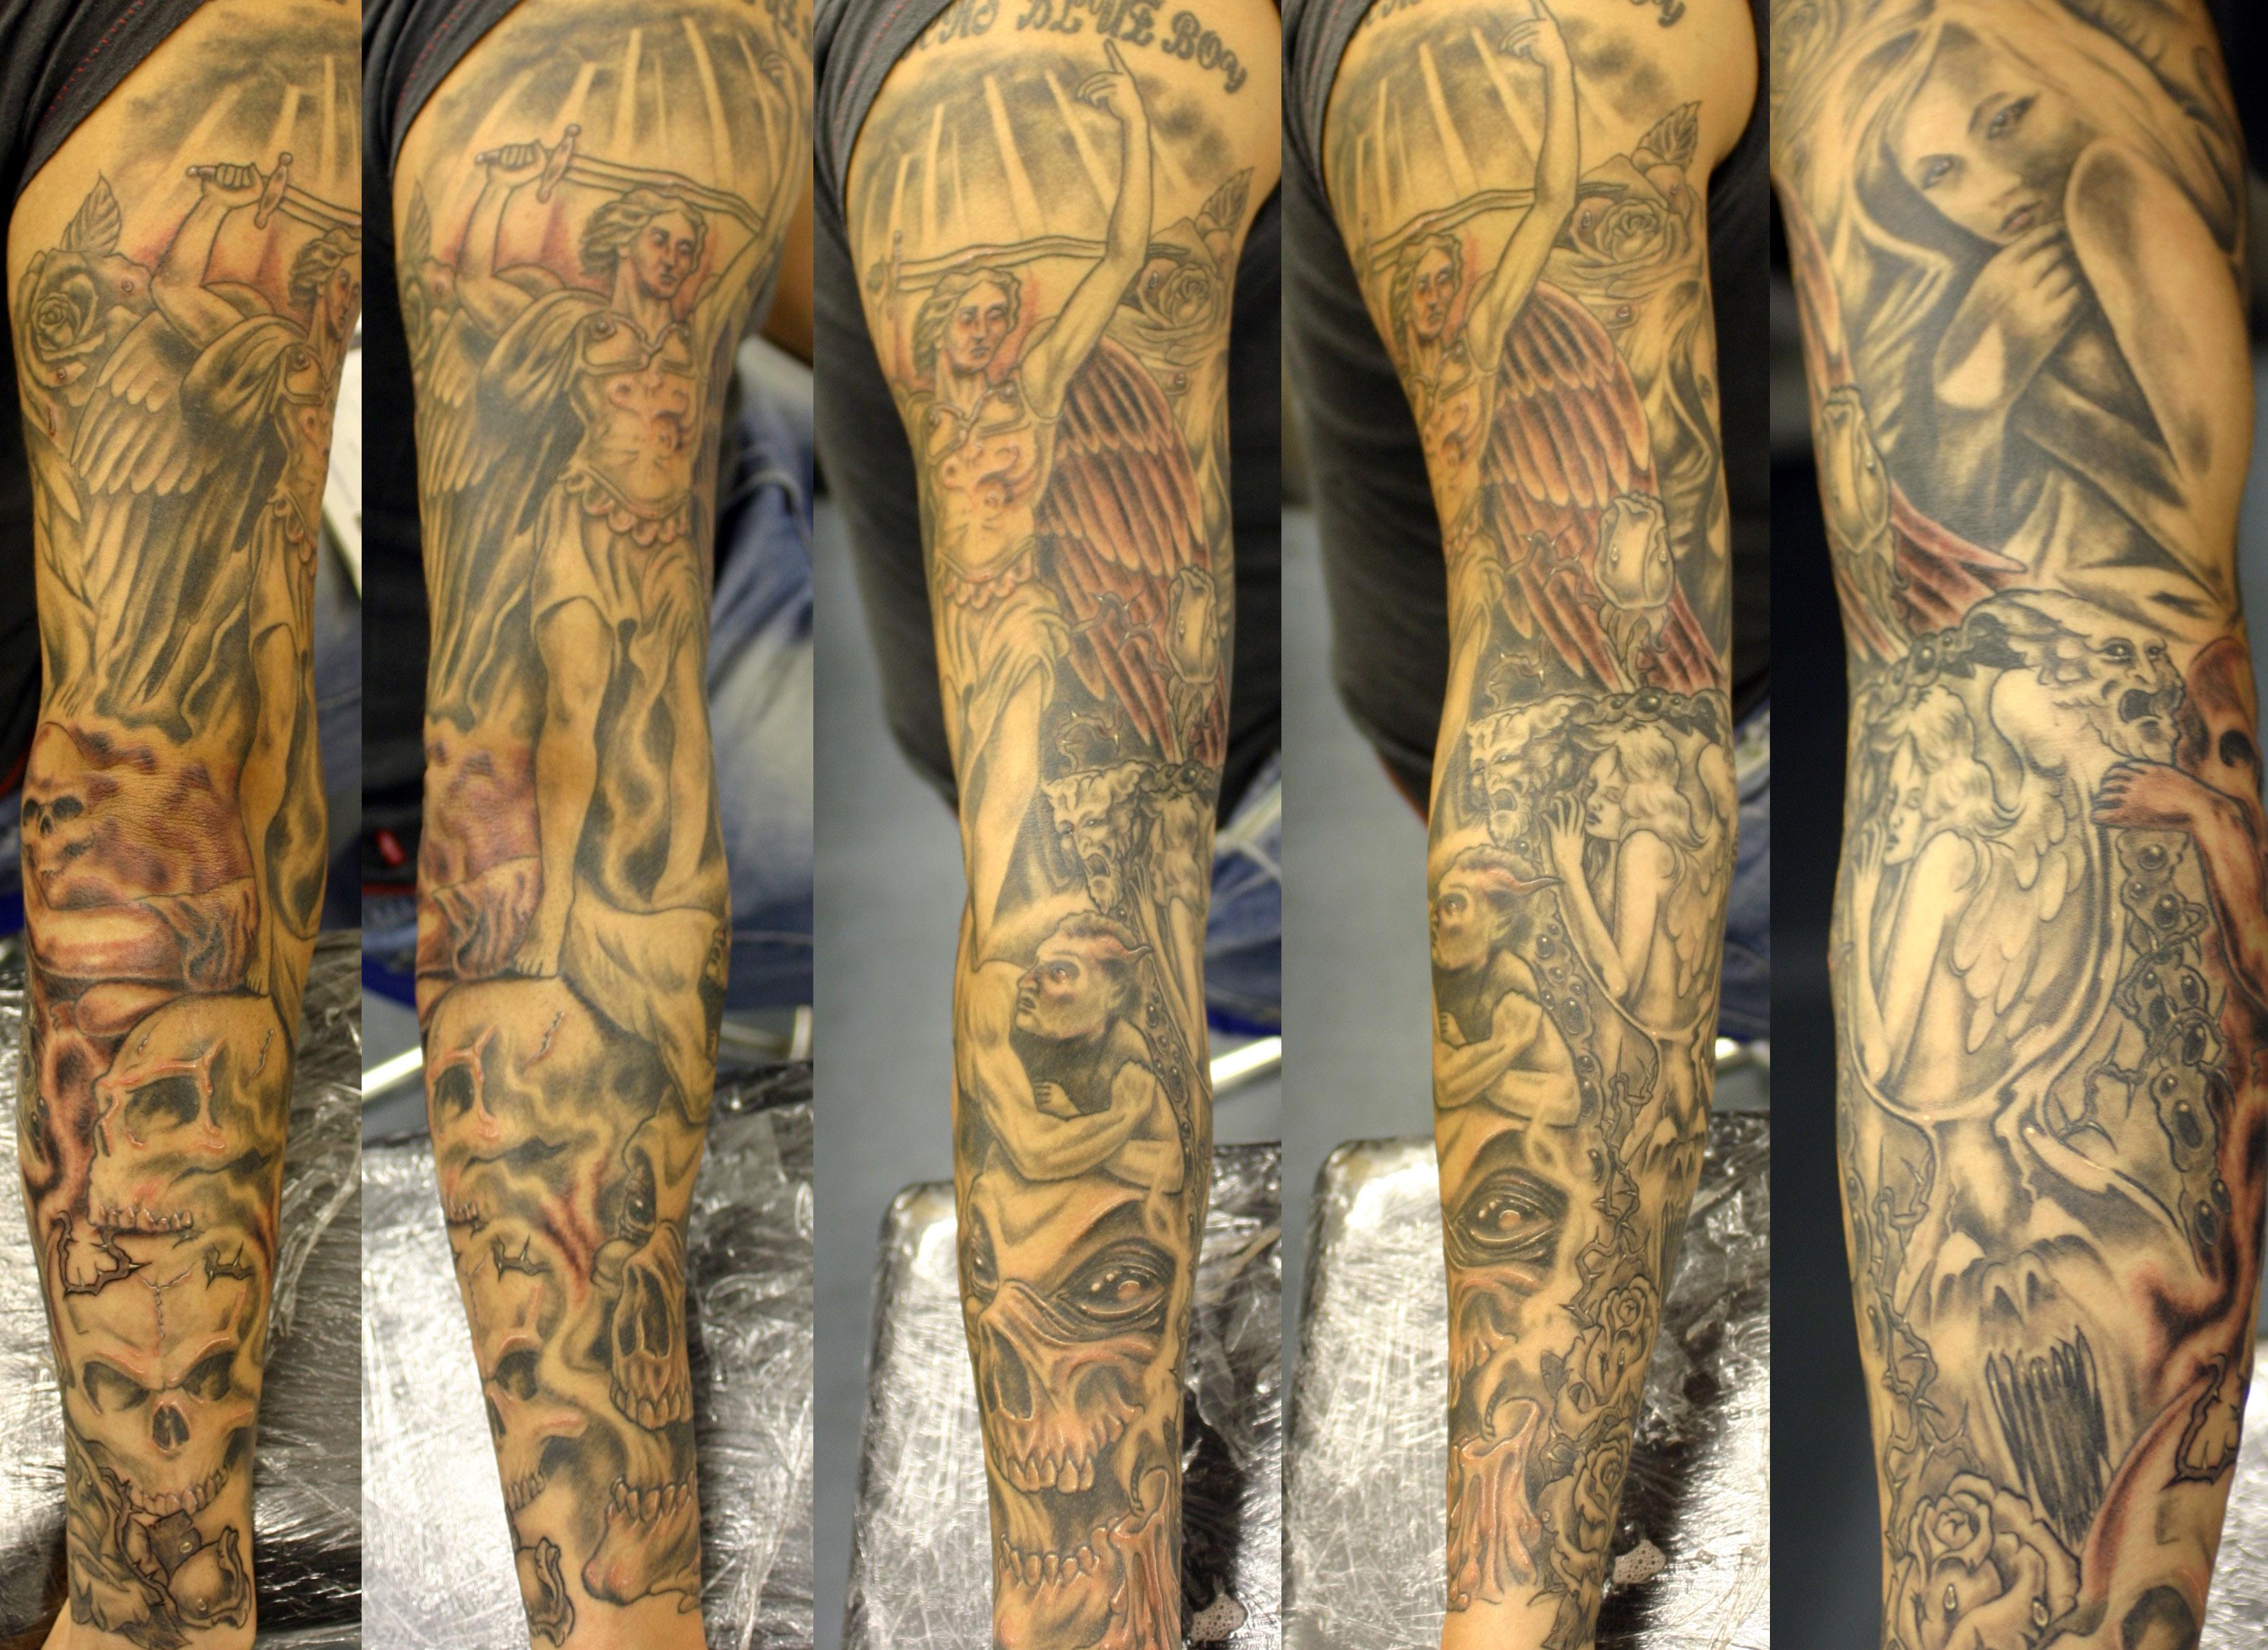 fond d'écran : tatouage, jambe humaine, bras, corps humain, tatoueur